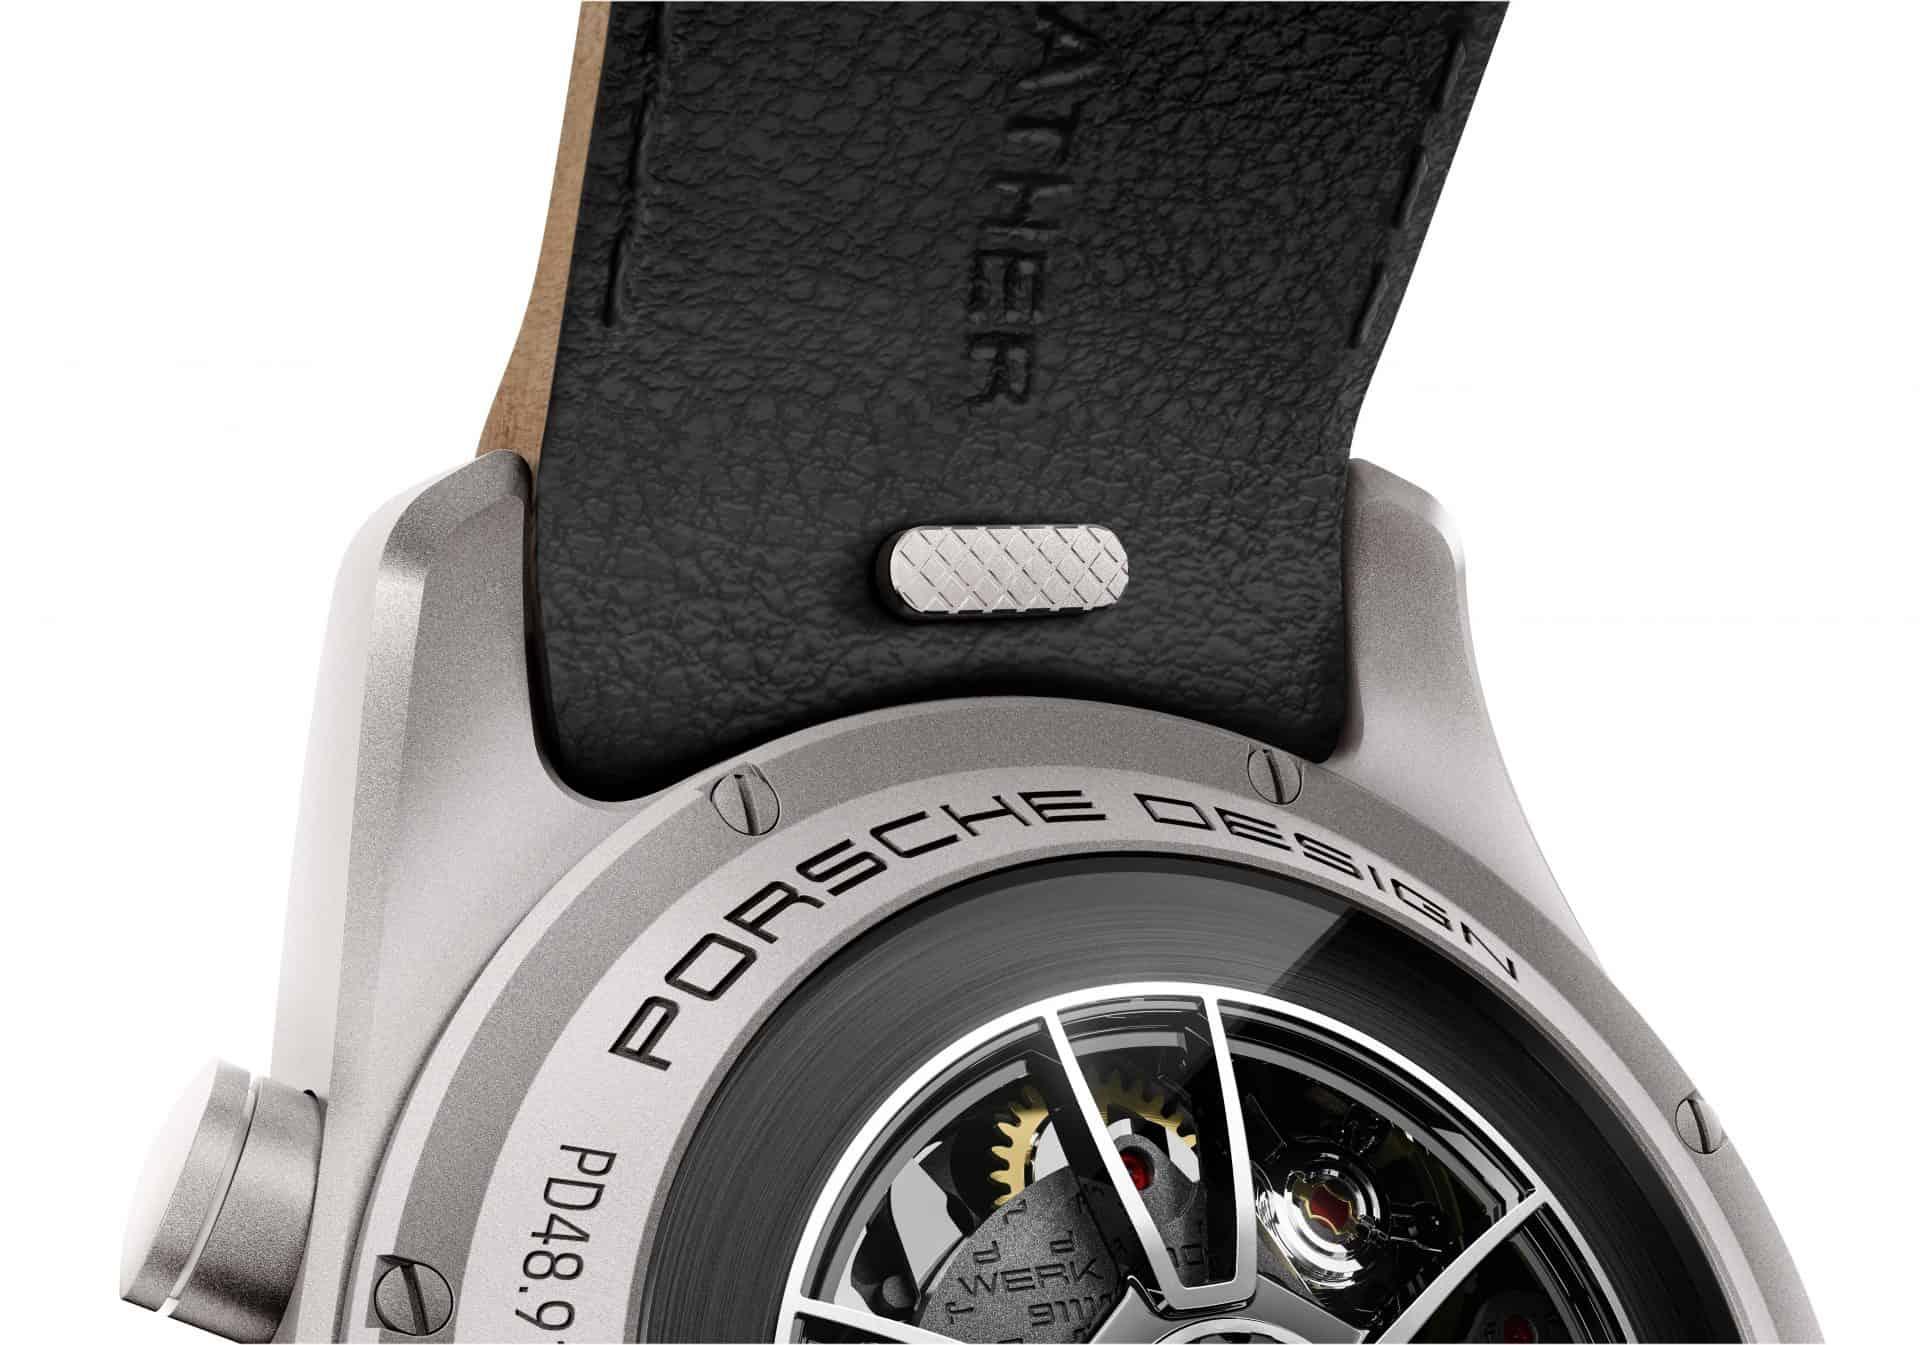 Das Porsche Design custom-built Timepieces Programm ermöglicht Bandwechsel im Pitstop-Tempo